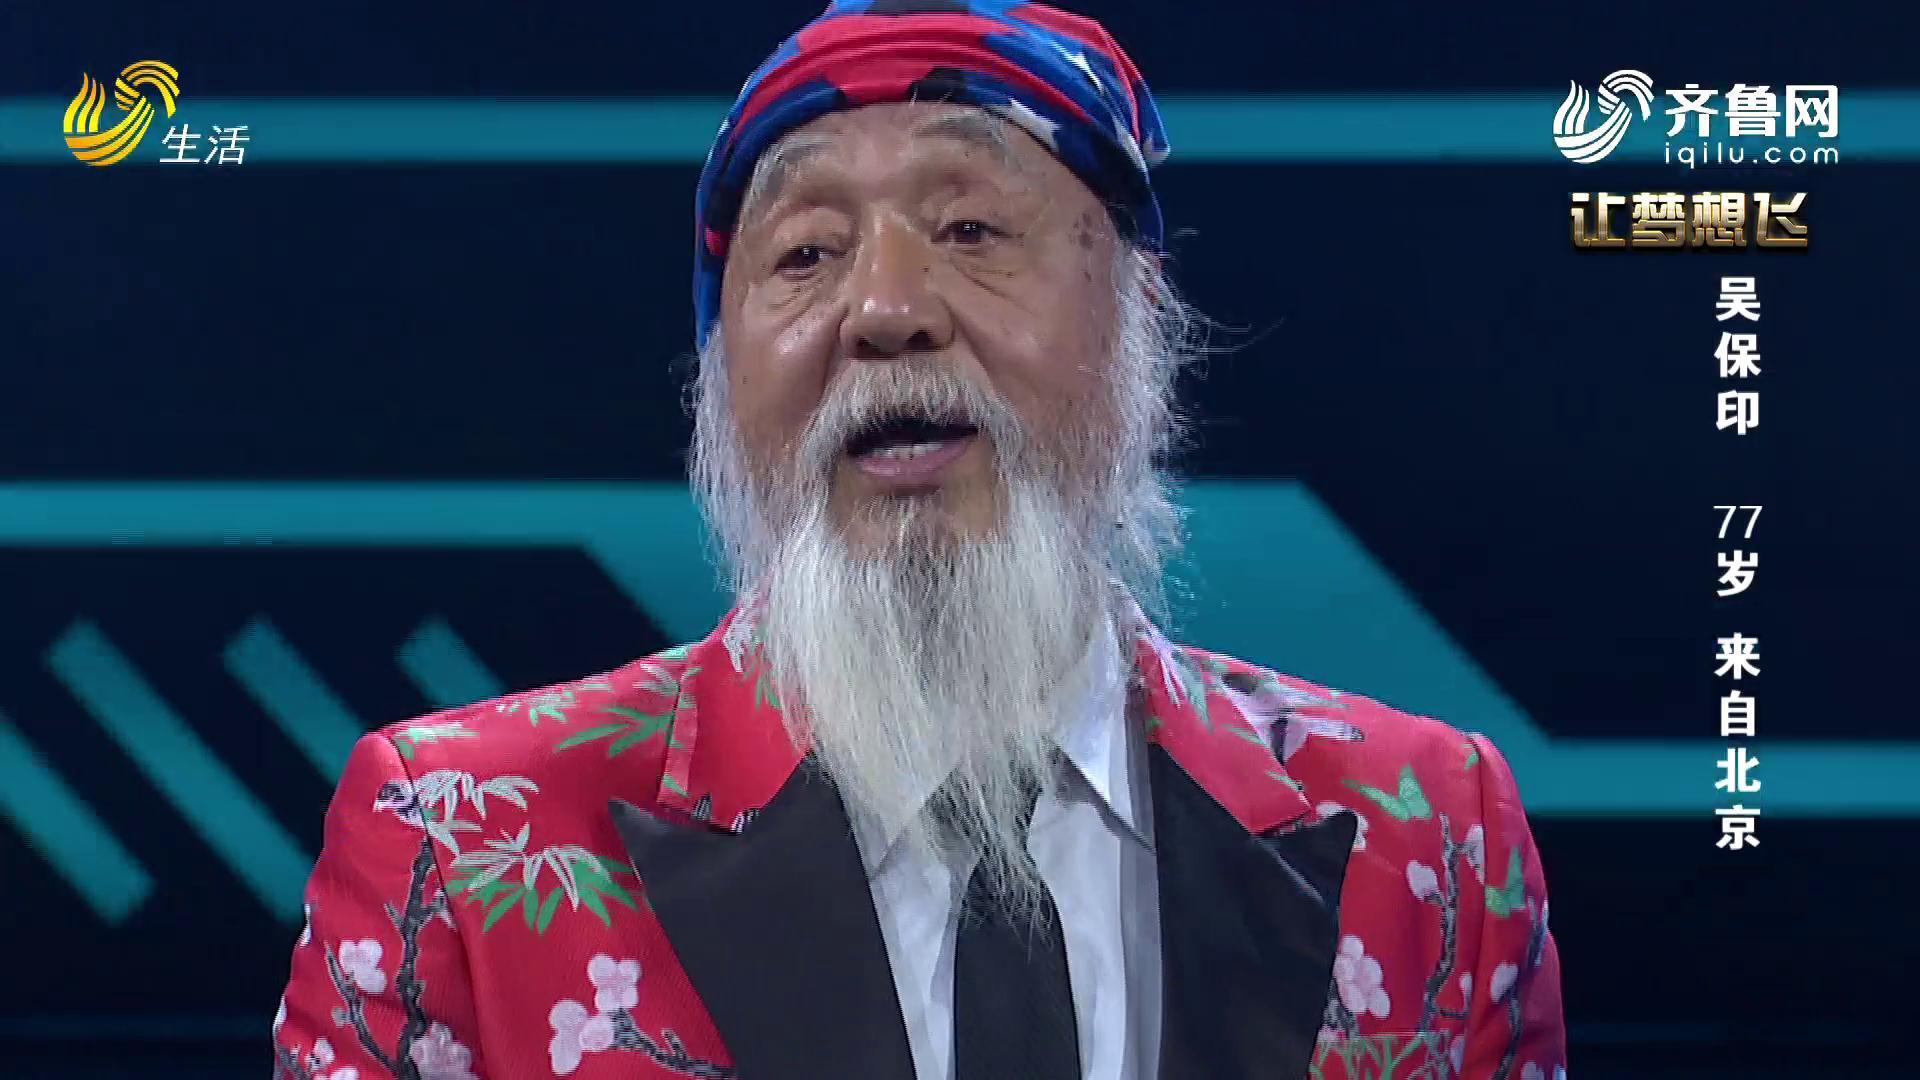 吴保印:70岁走上国际红毯 天坛吴大爷再造传奇